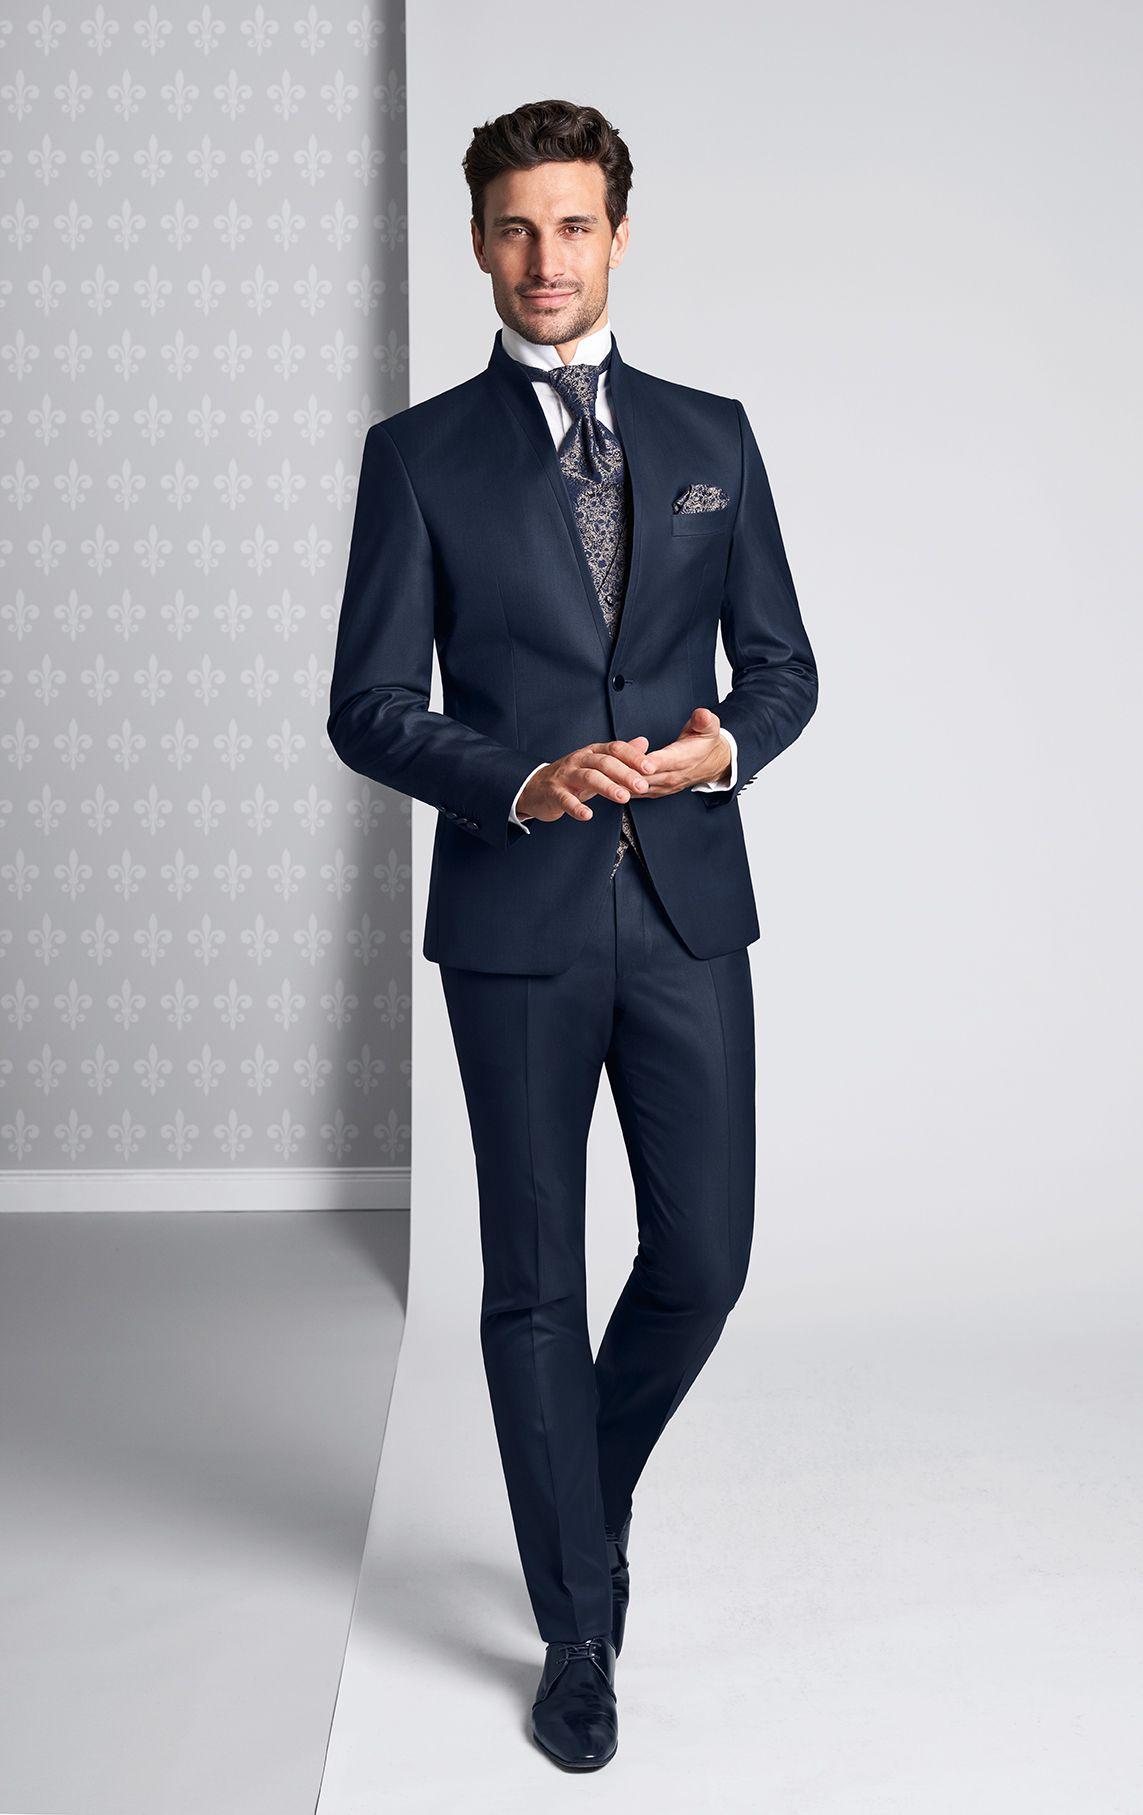 Die Neuen Royalen Tziacco Hochzeitsanzug Trends Sind Ab Dem 15 04 2019 Im Fachhandel Erhaltlich Tzi Hochzeitsanzug Anzug Hochzeit Hochzeitsanzug Brautigam